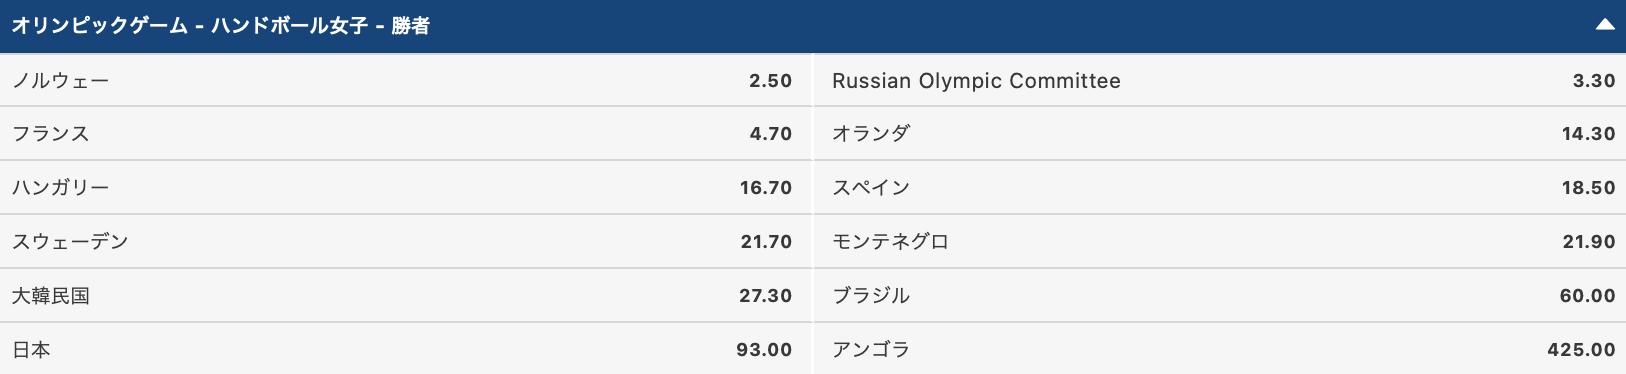 2020東京オリンピック女子ハンドボール優勝 金メダル予想オッズ評価